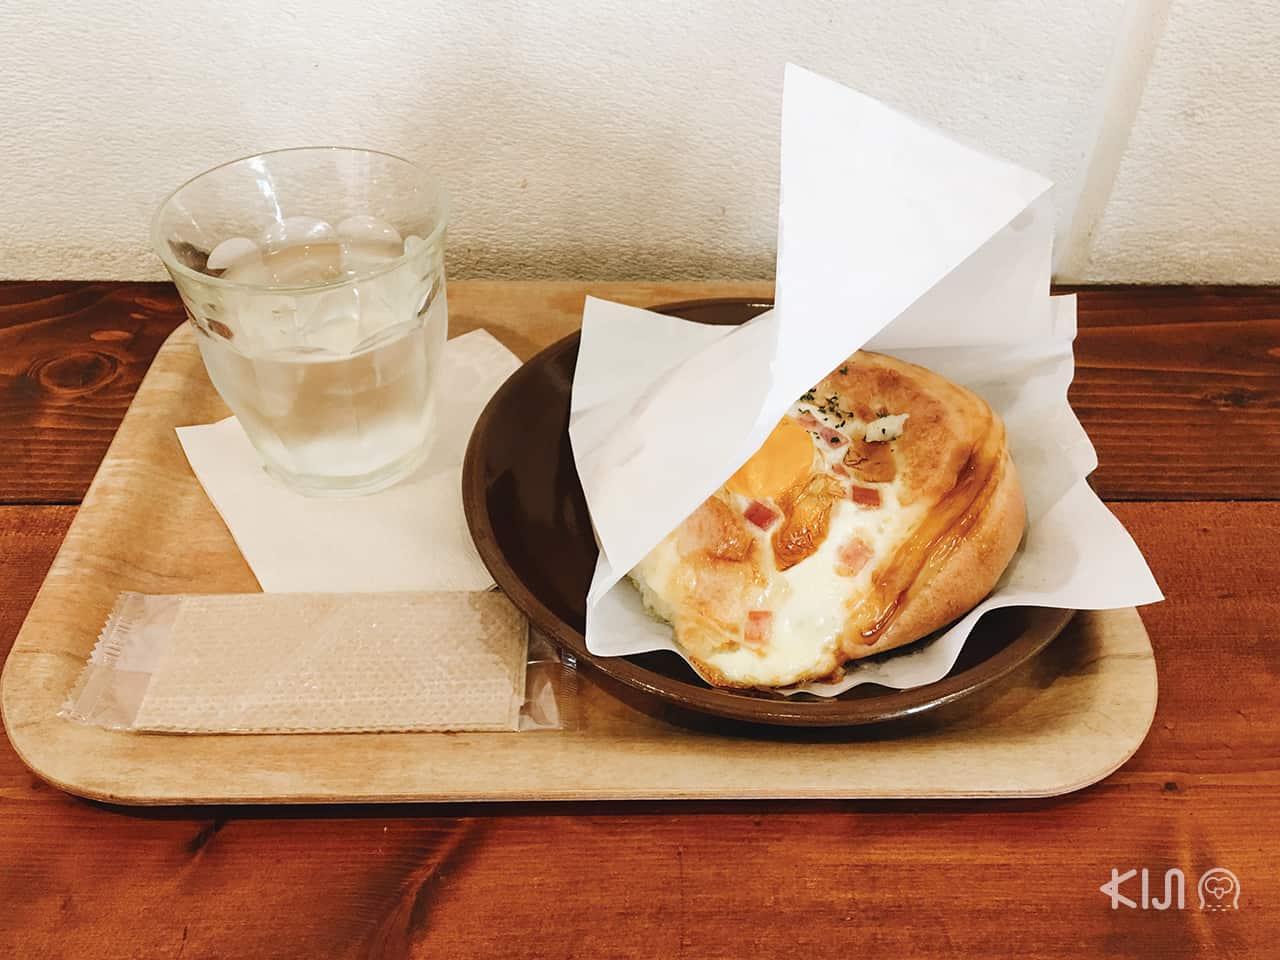 มื้อเช้า อาหารเช้า โตเกียว